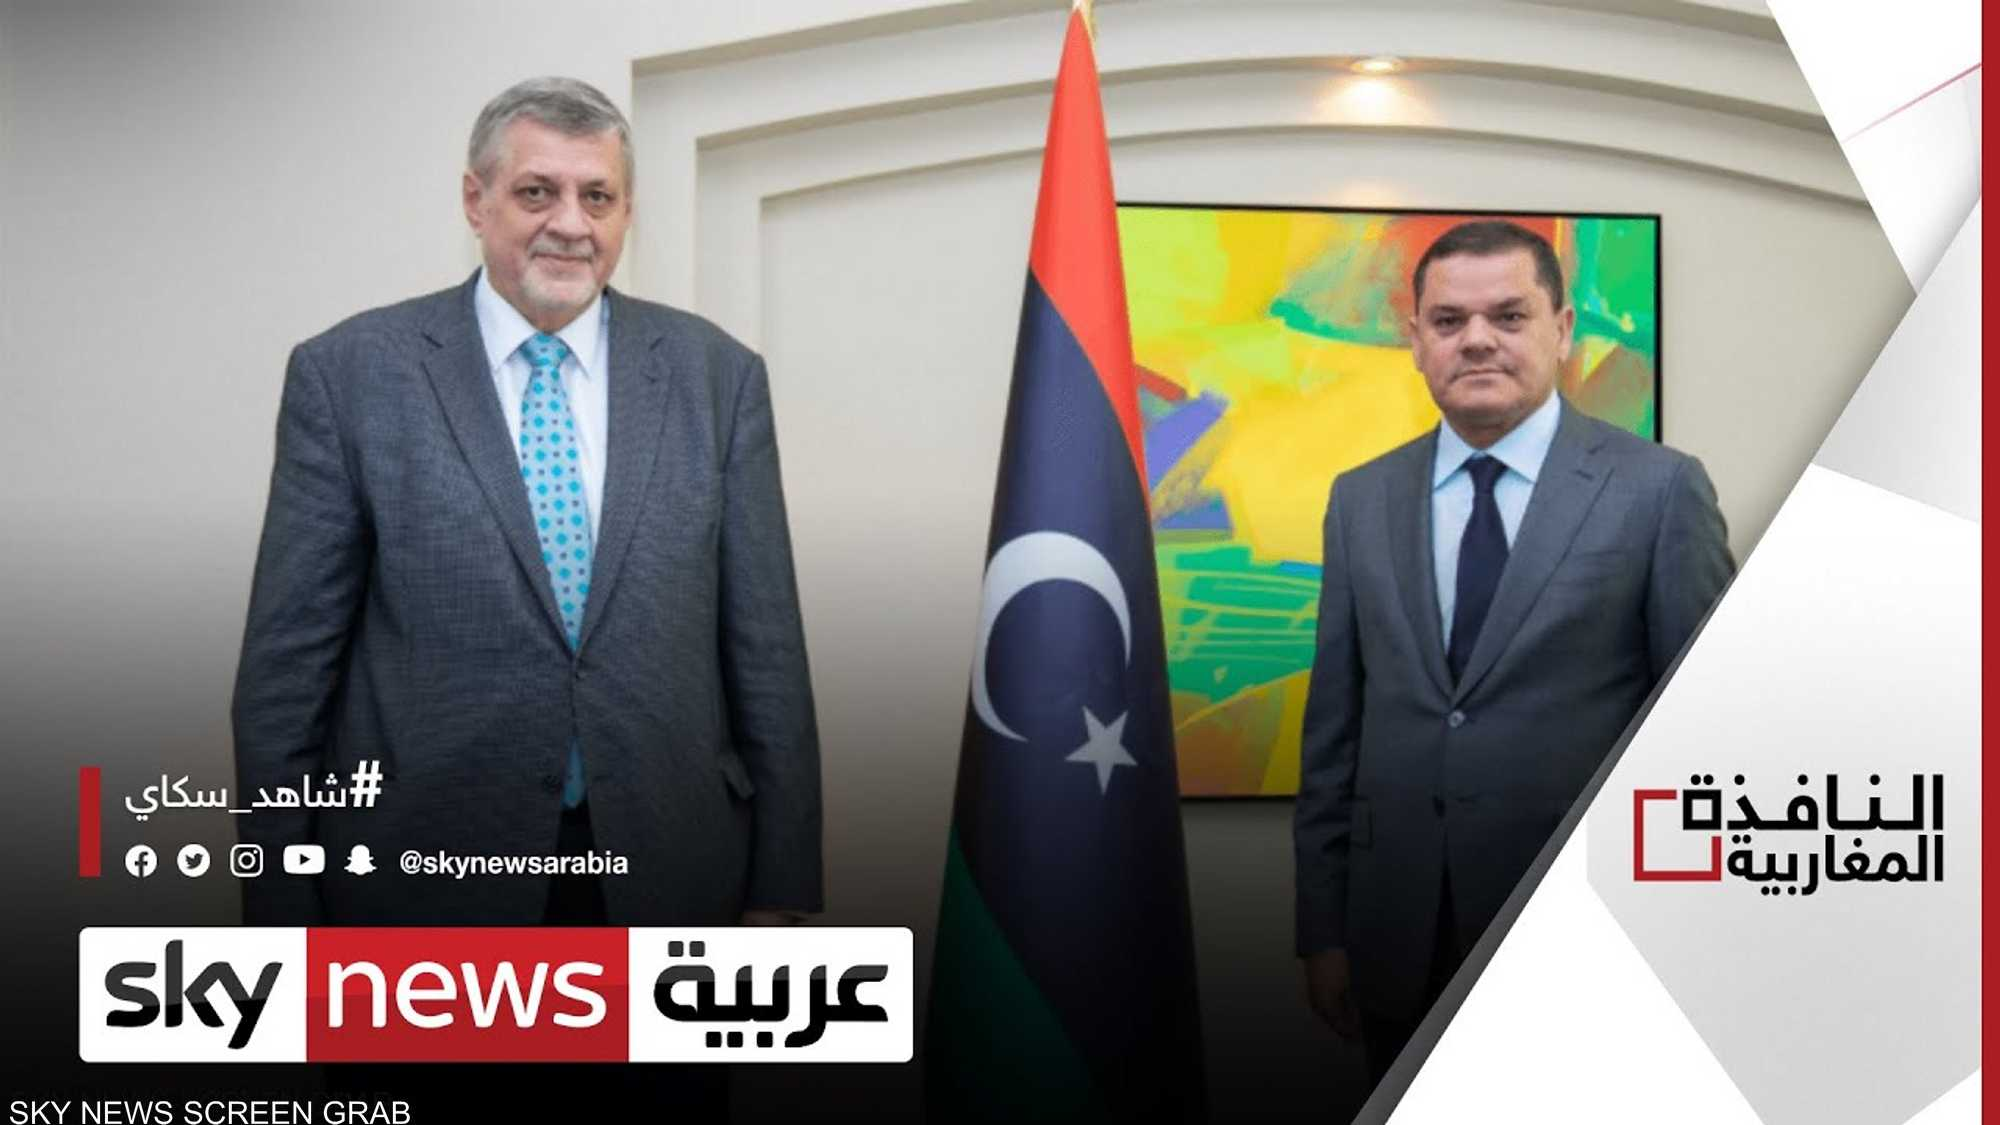 يان كوبيتش يبحث الإعداد للاستفتاء على الدستور الليبي